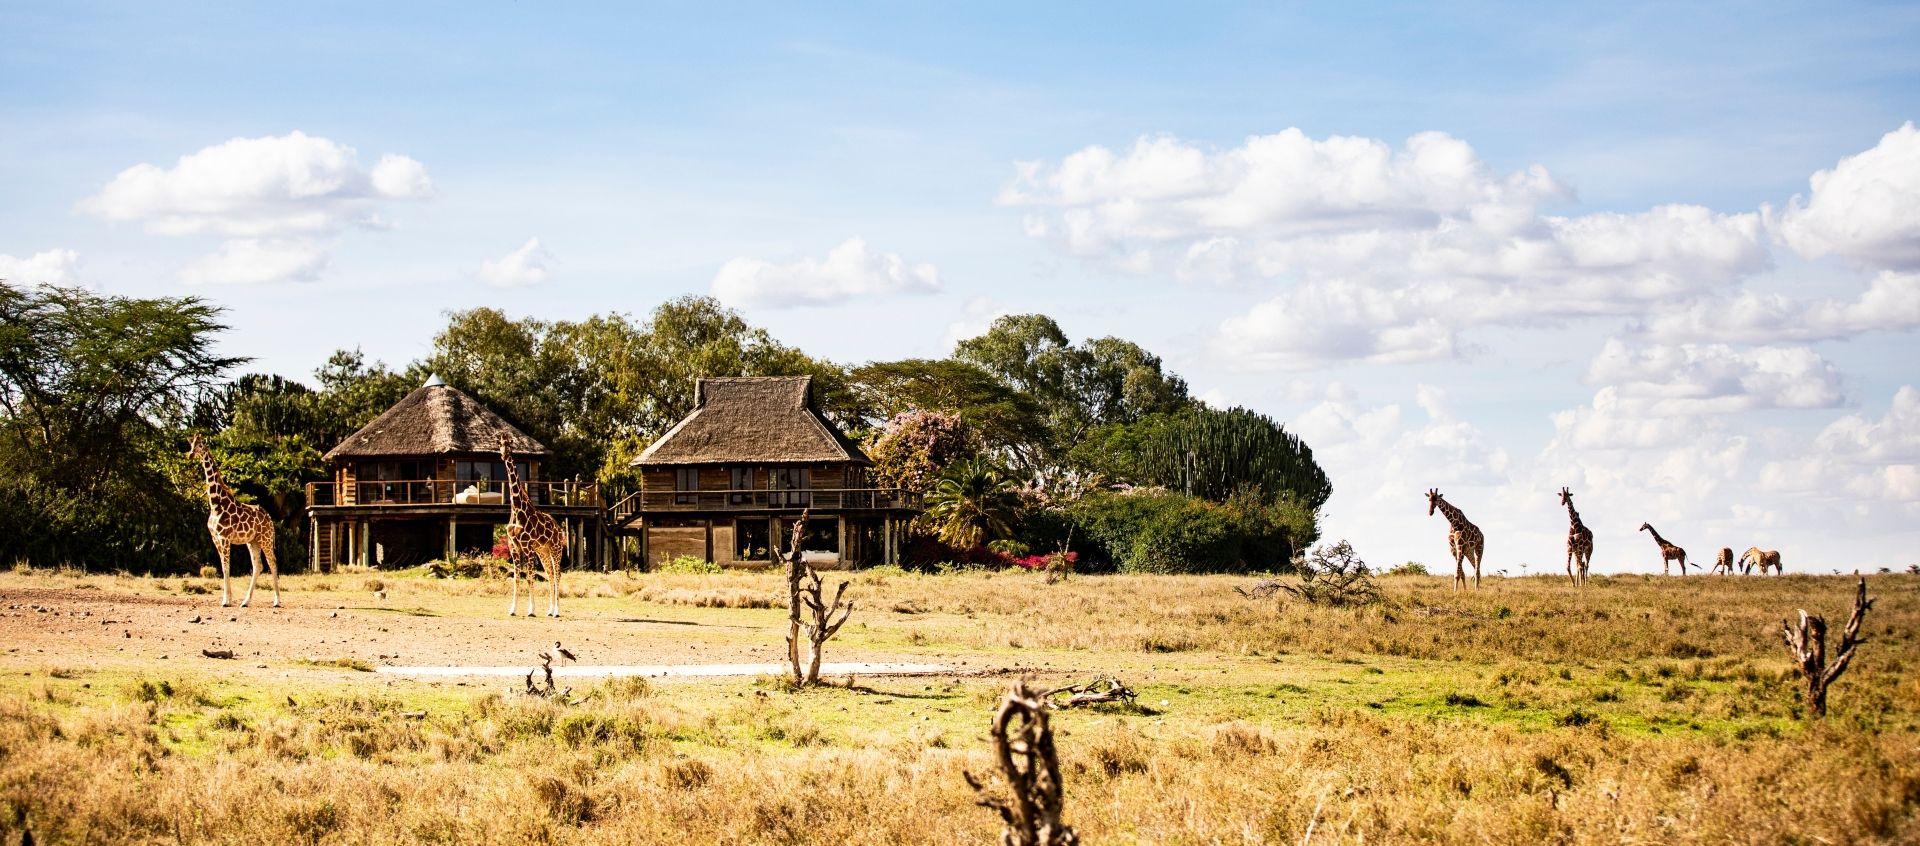 Villa Segera Giraffes